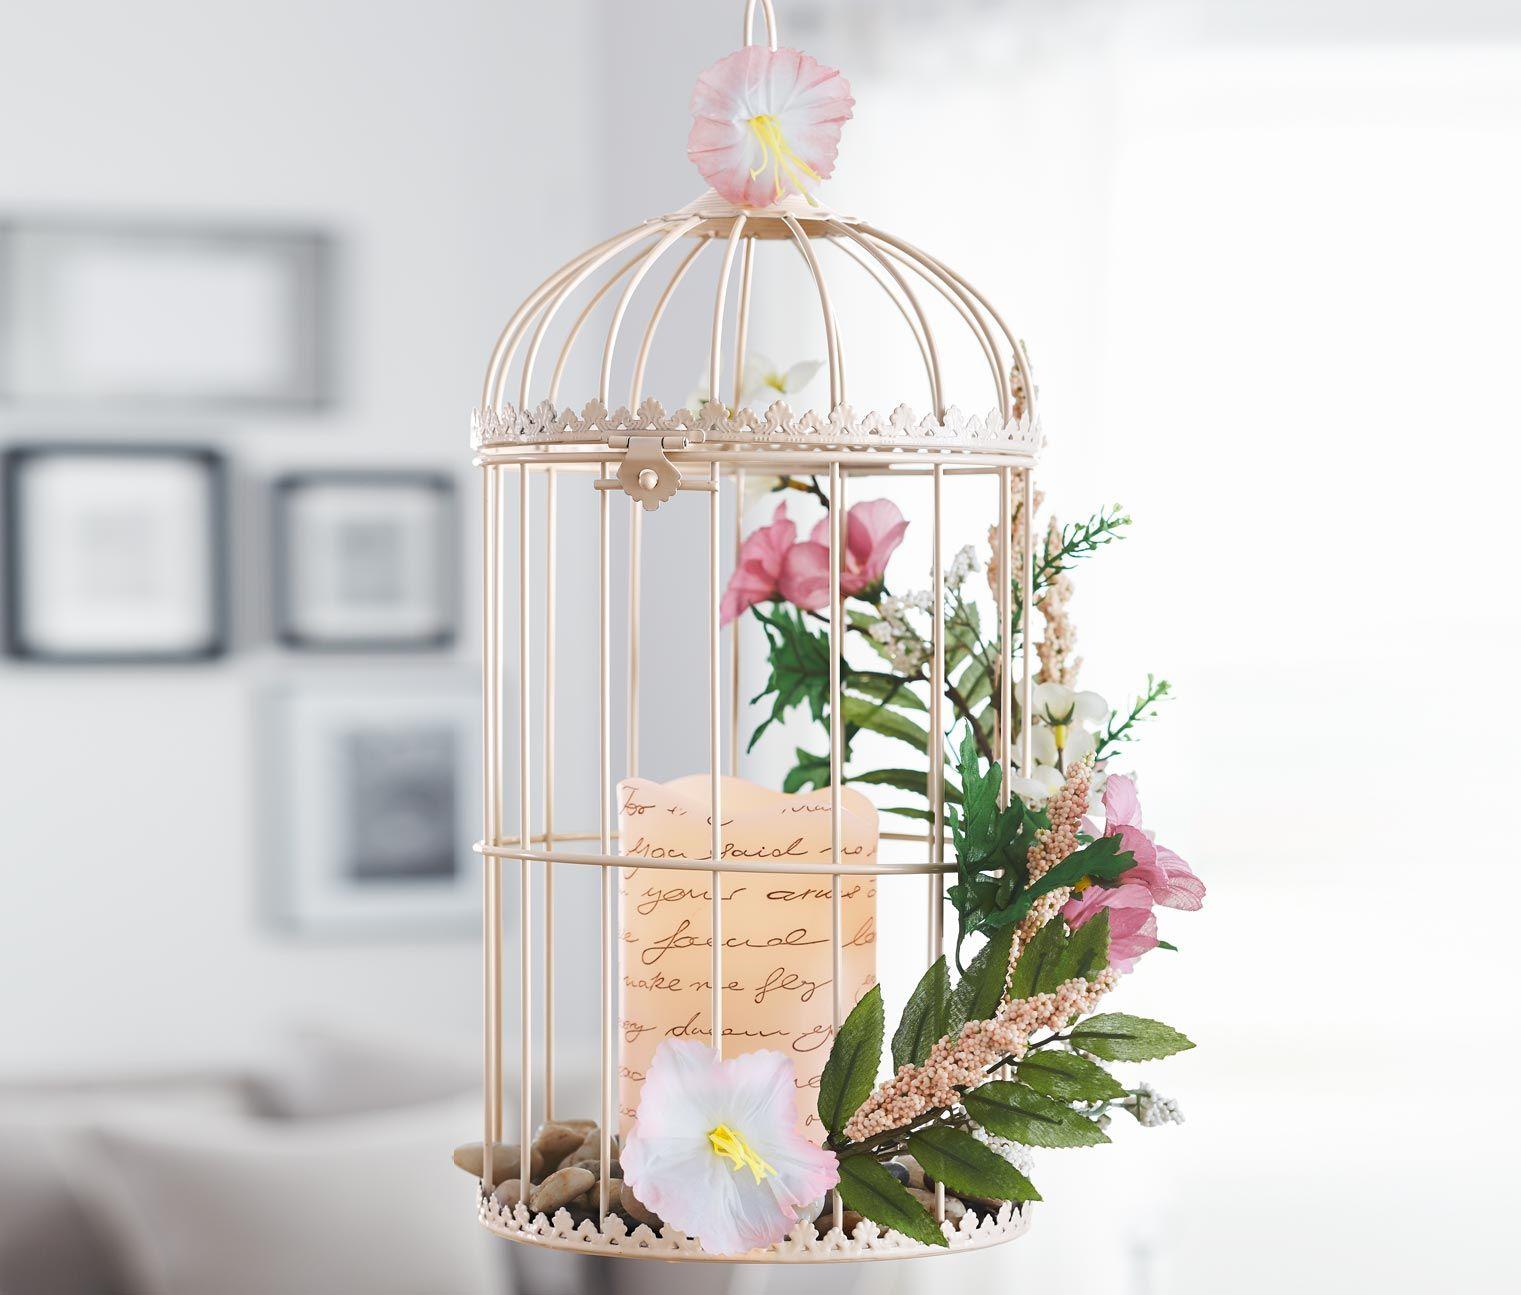 der deko k fig aus metall im vintage stil zaubert eine romantische stimmung er kann je nach. Black Bedroom Furniture Sets. Home Design Ideas